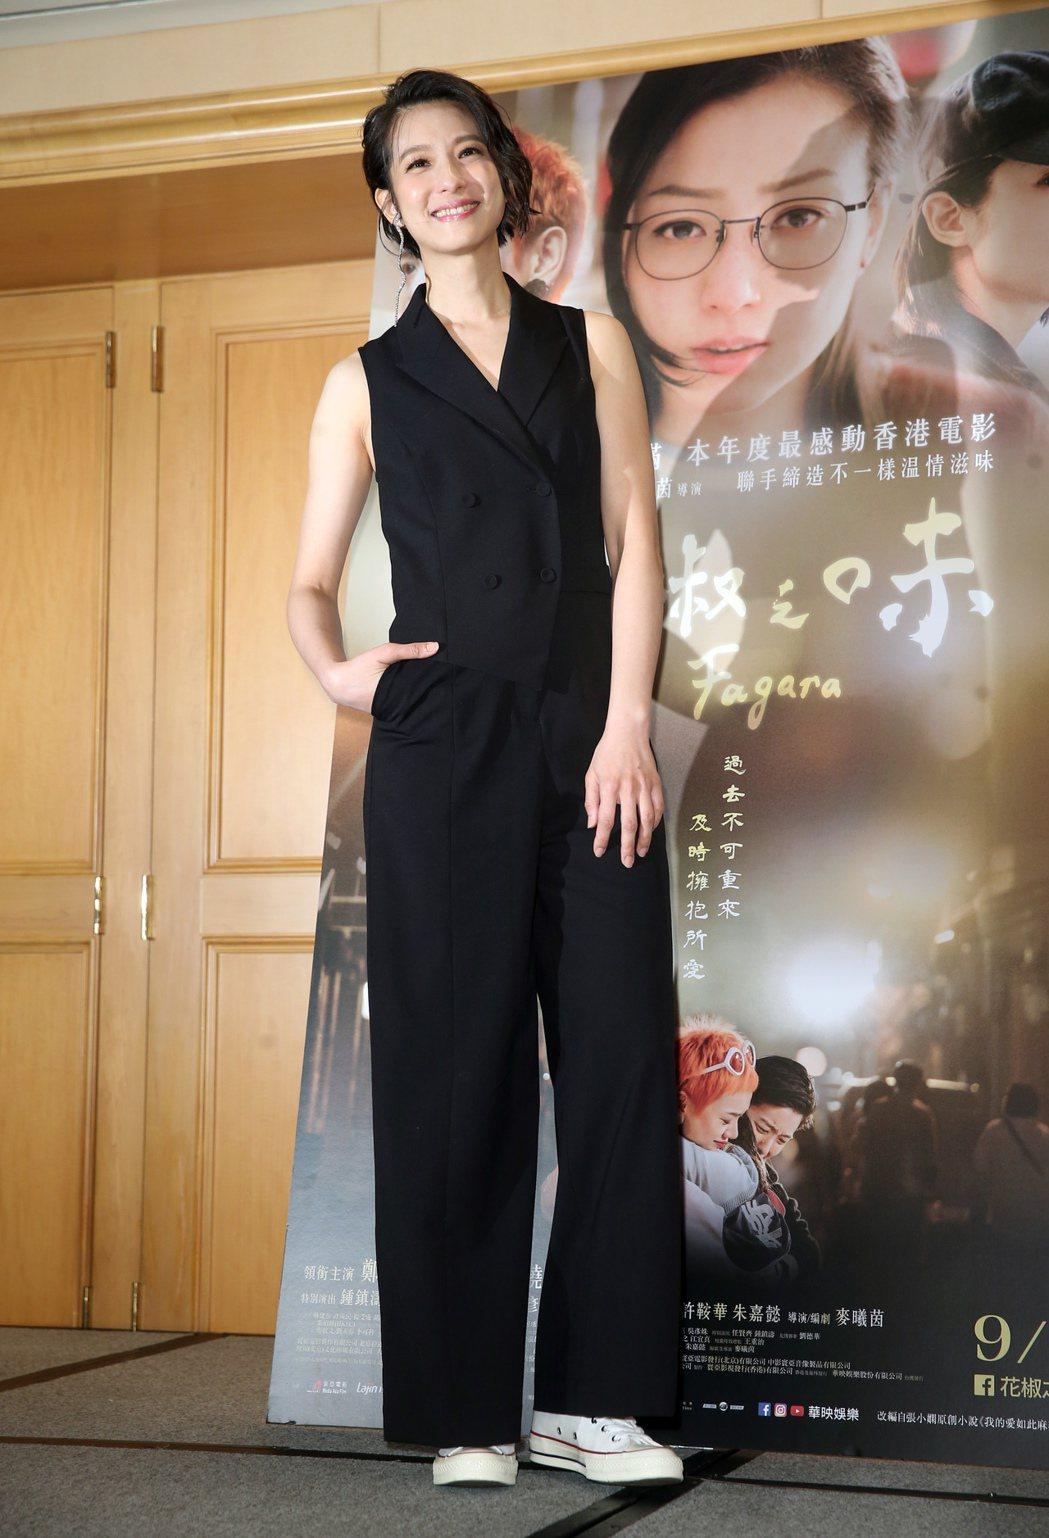 電影《花椒之味》演員賴雅妍出席媒體茶敘。記者徐兆玄/攝影